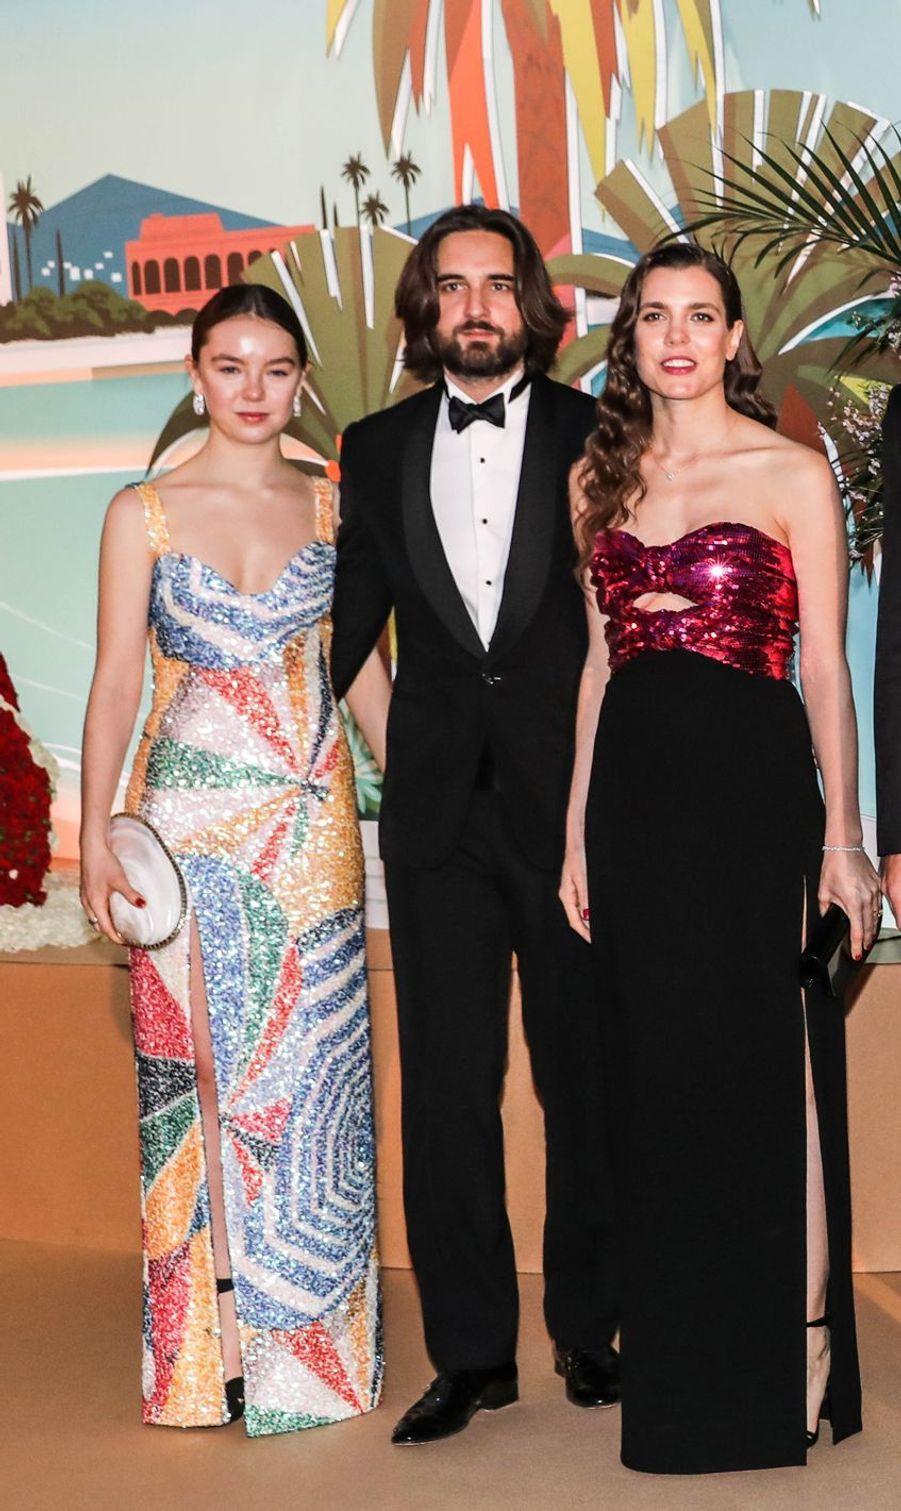 La princesse Alexandra de Hanovre, Charlotte Casiraghi et son compagnon Dimitri Rassam à Monaco, le 30 mars 2019